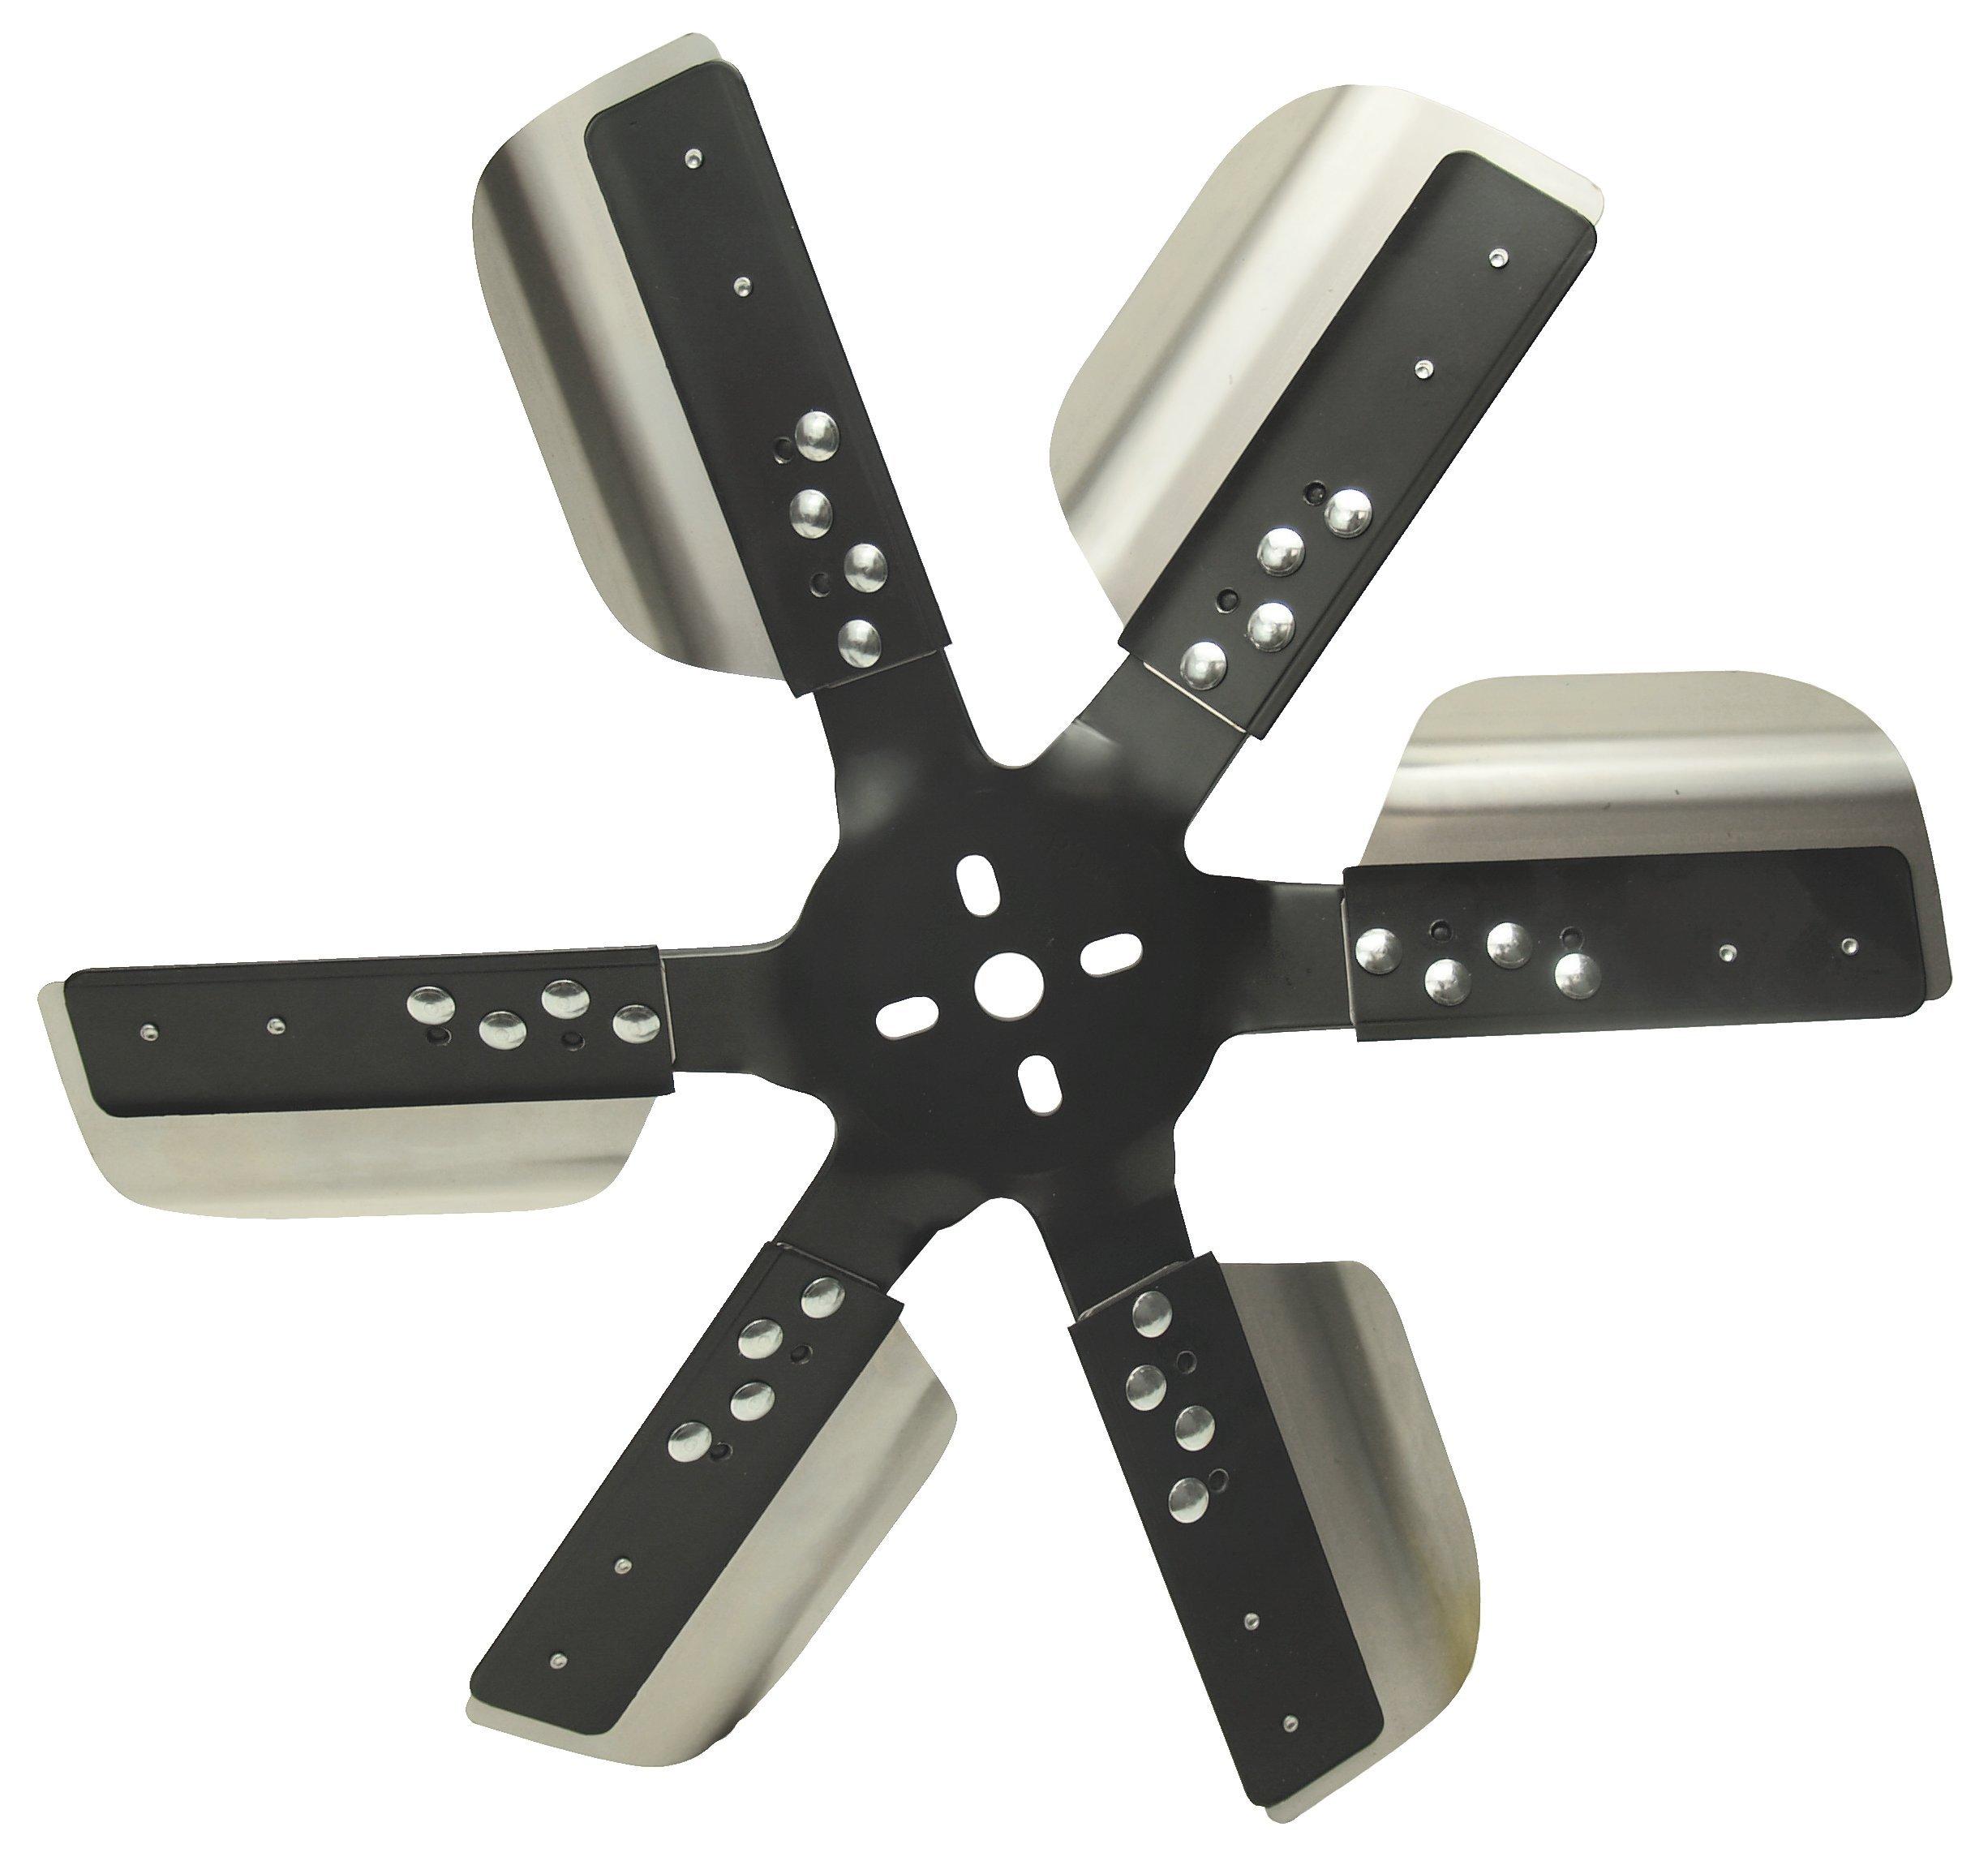 Derale 17018 Heavy Duty Fan Blade Series 1000 18'' Stainless Steel Flex Fan Standard Rotation